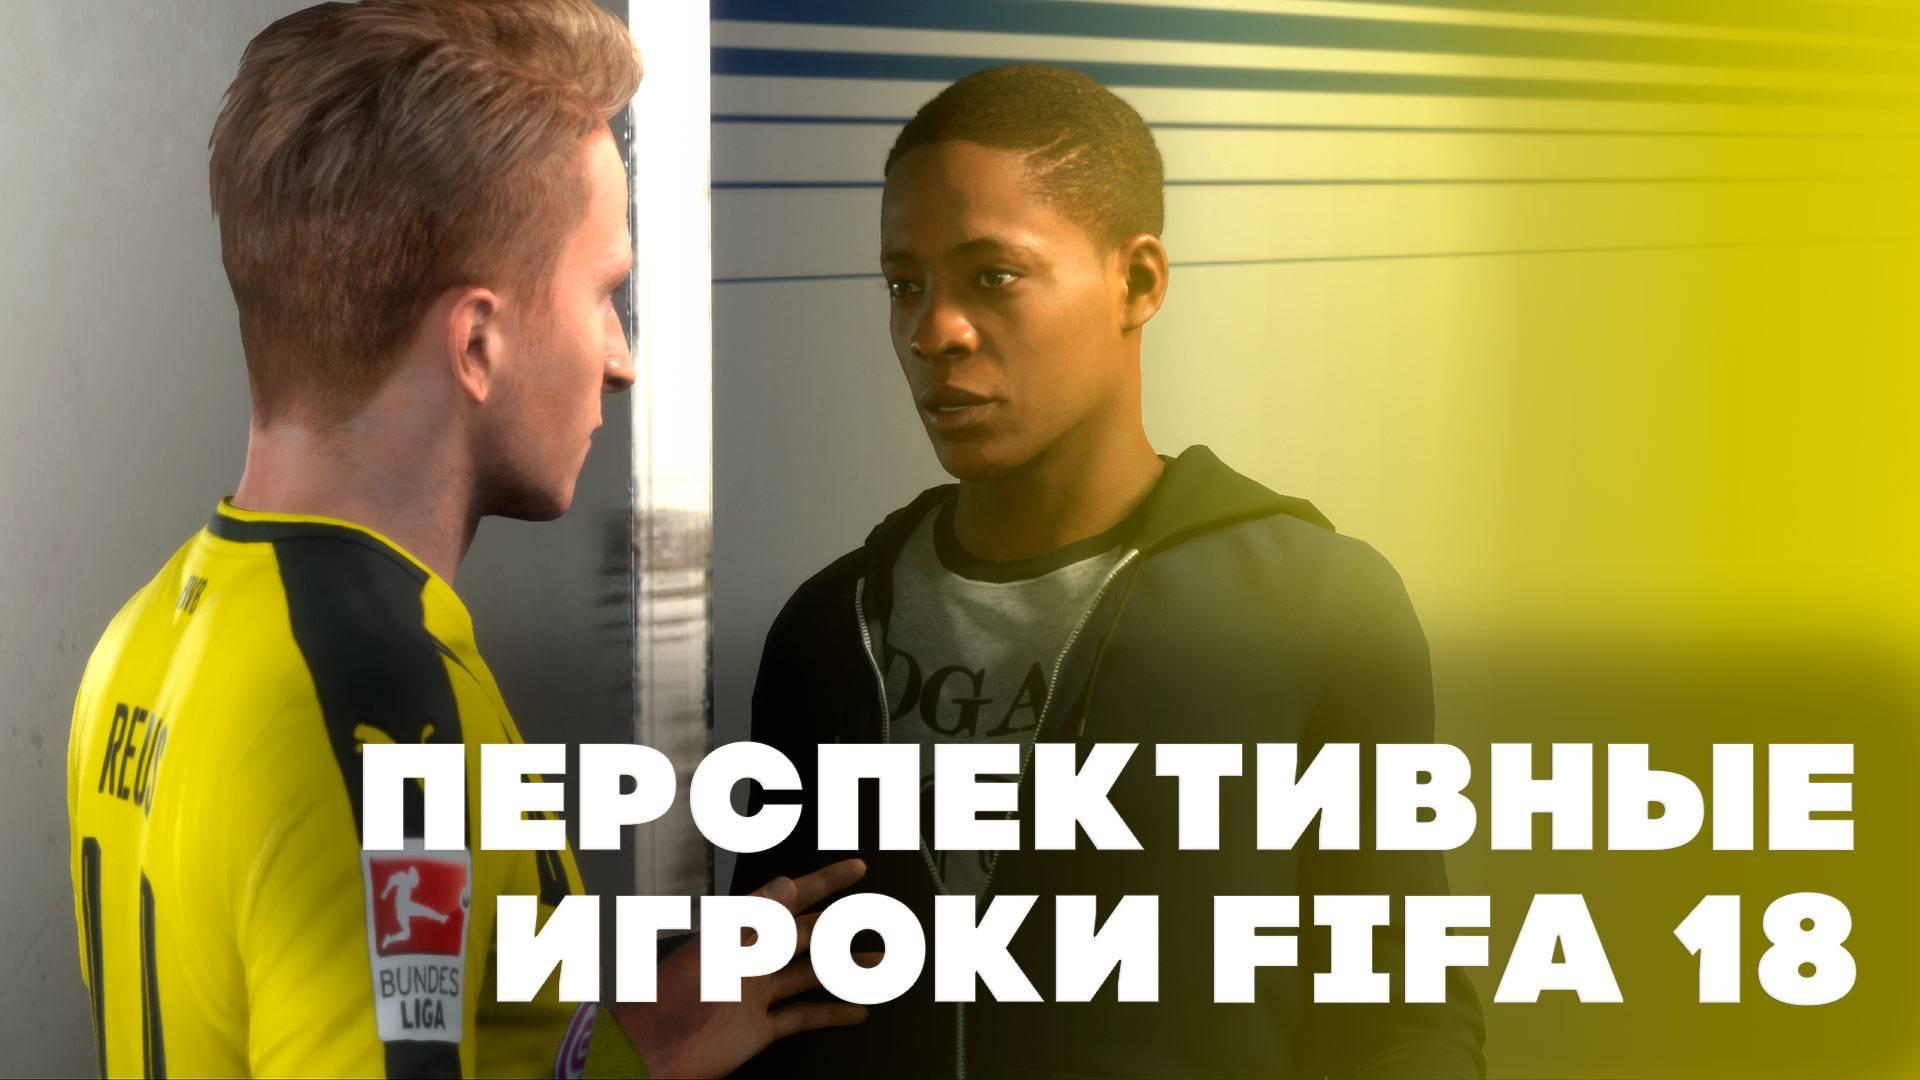 Перспективные игроки в fifa 18